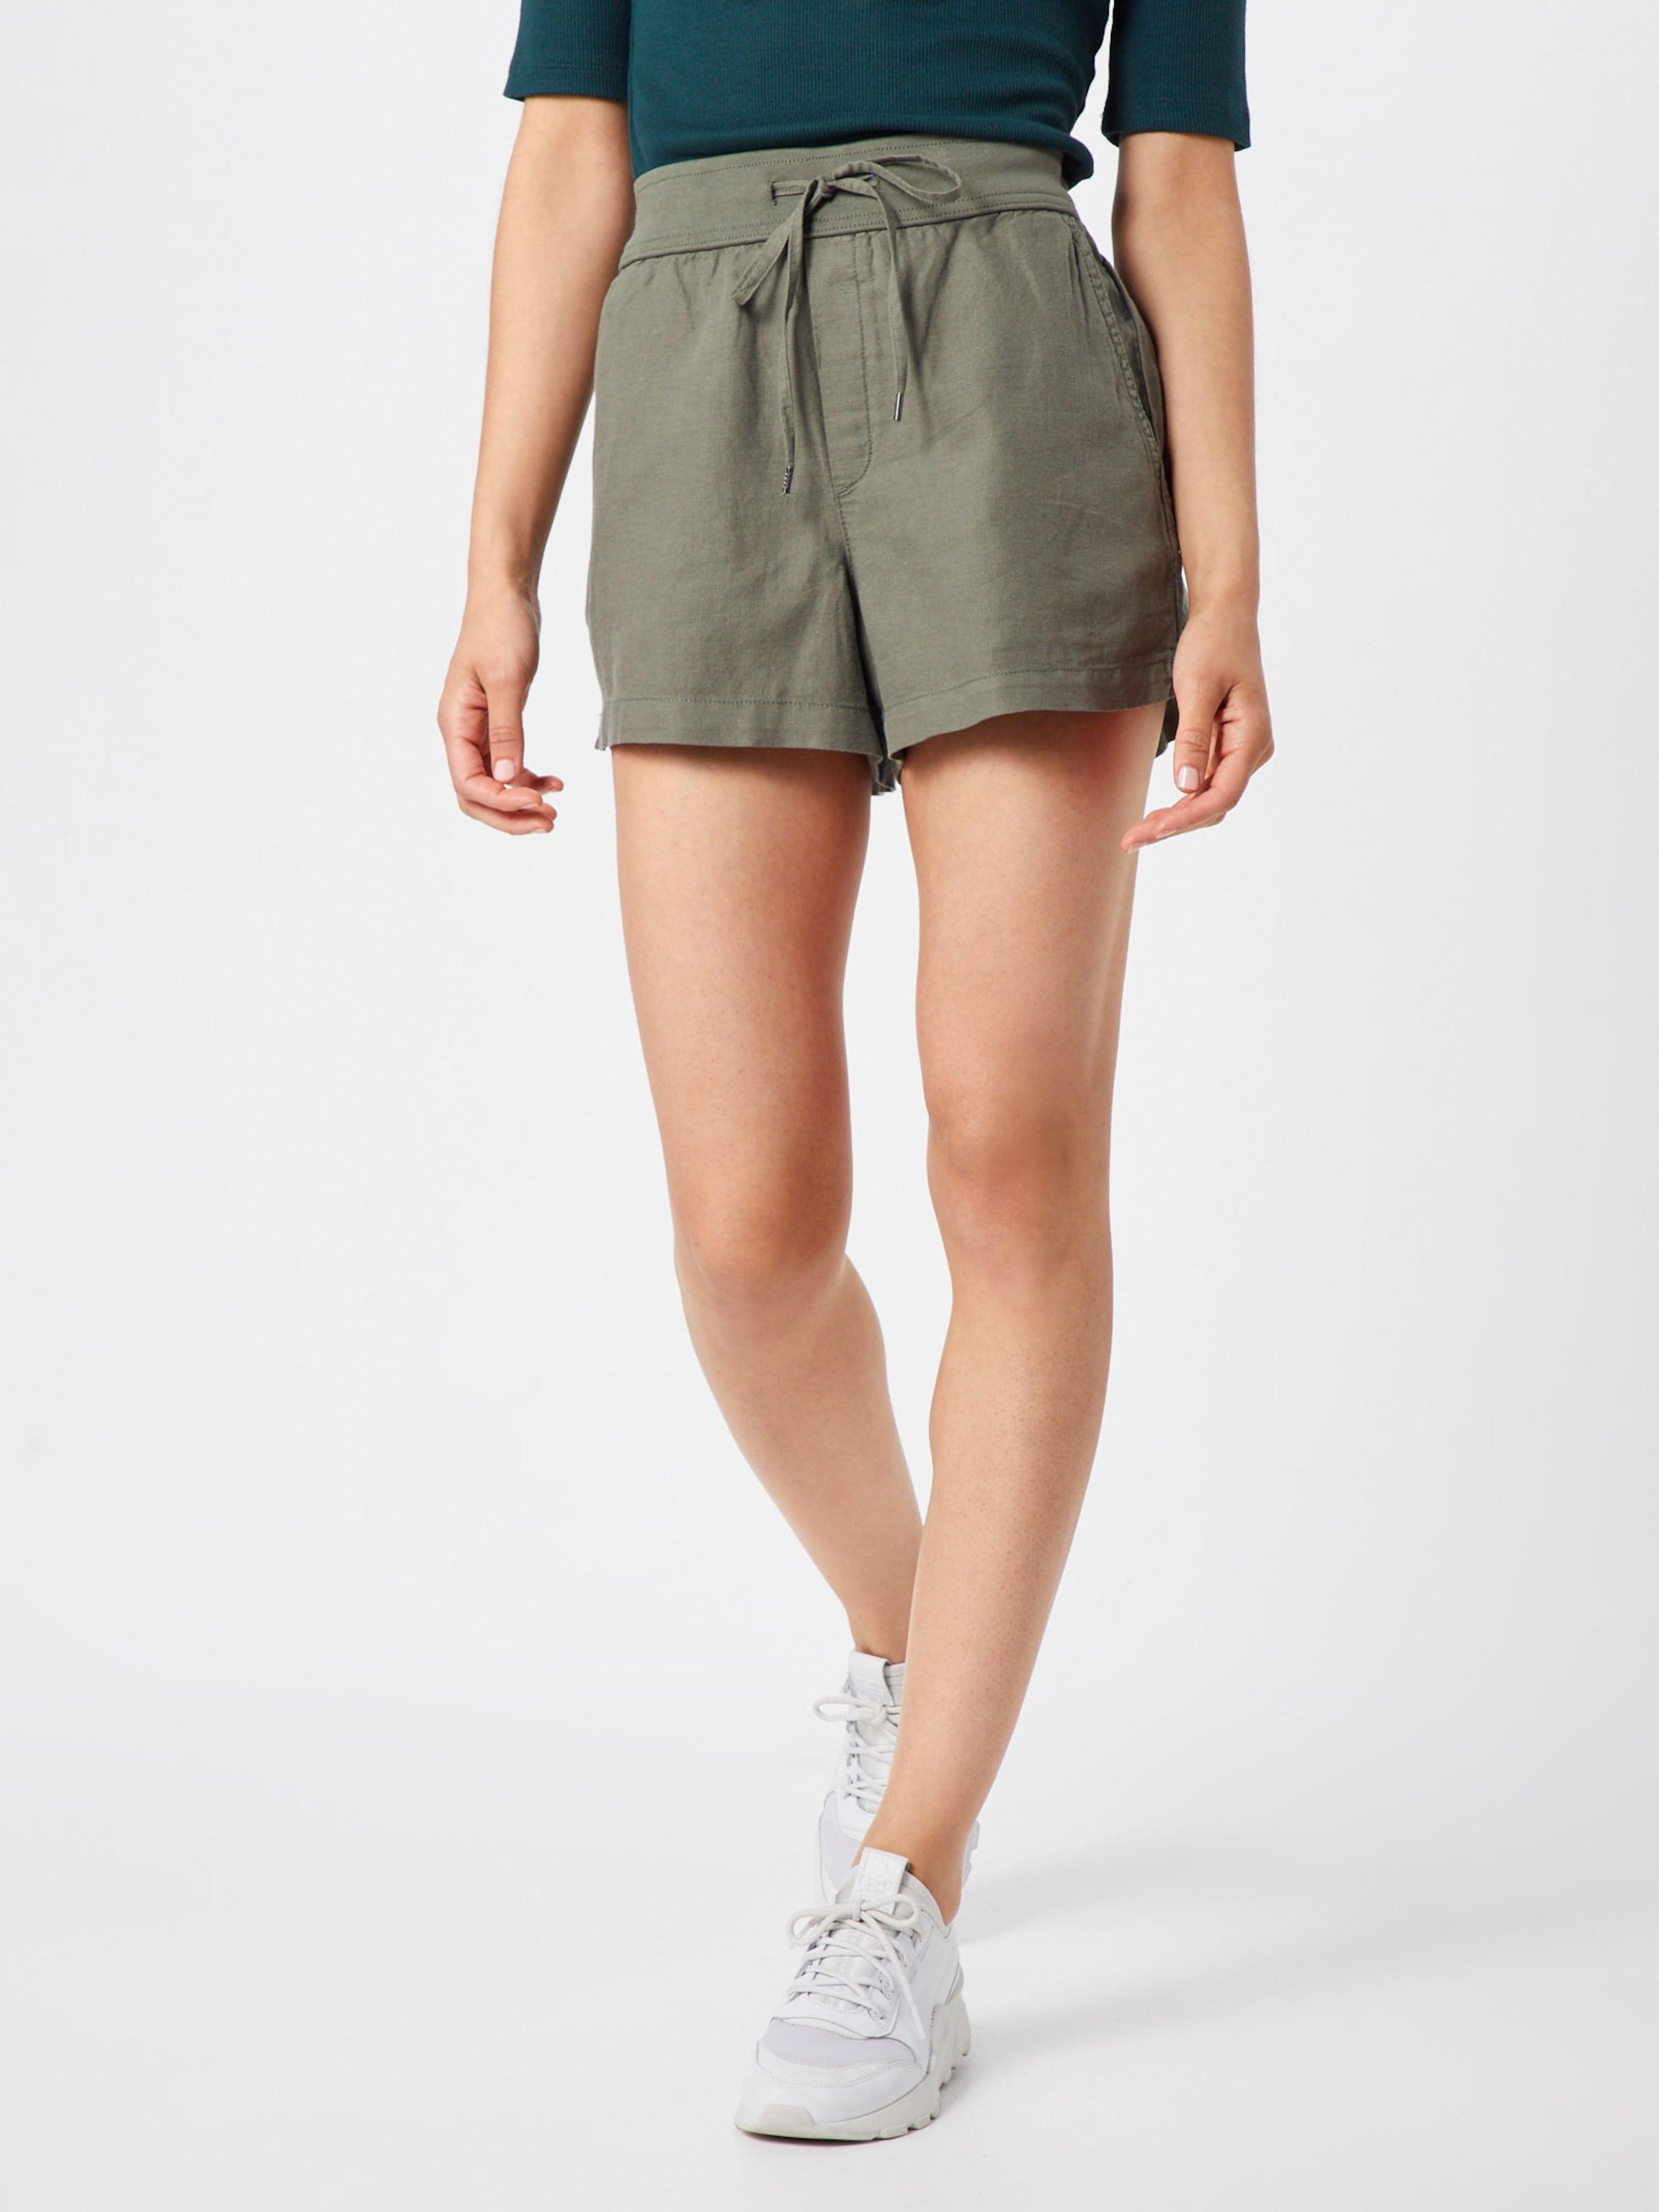 'linen Short' Blanc Pantalon On Pull En Gap fy67gb